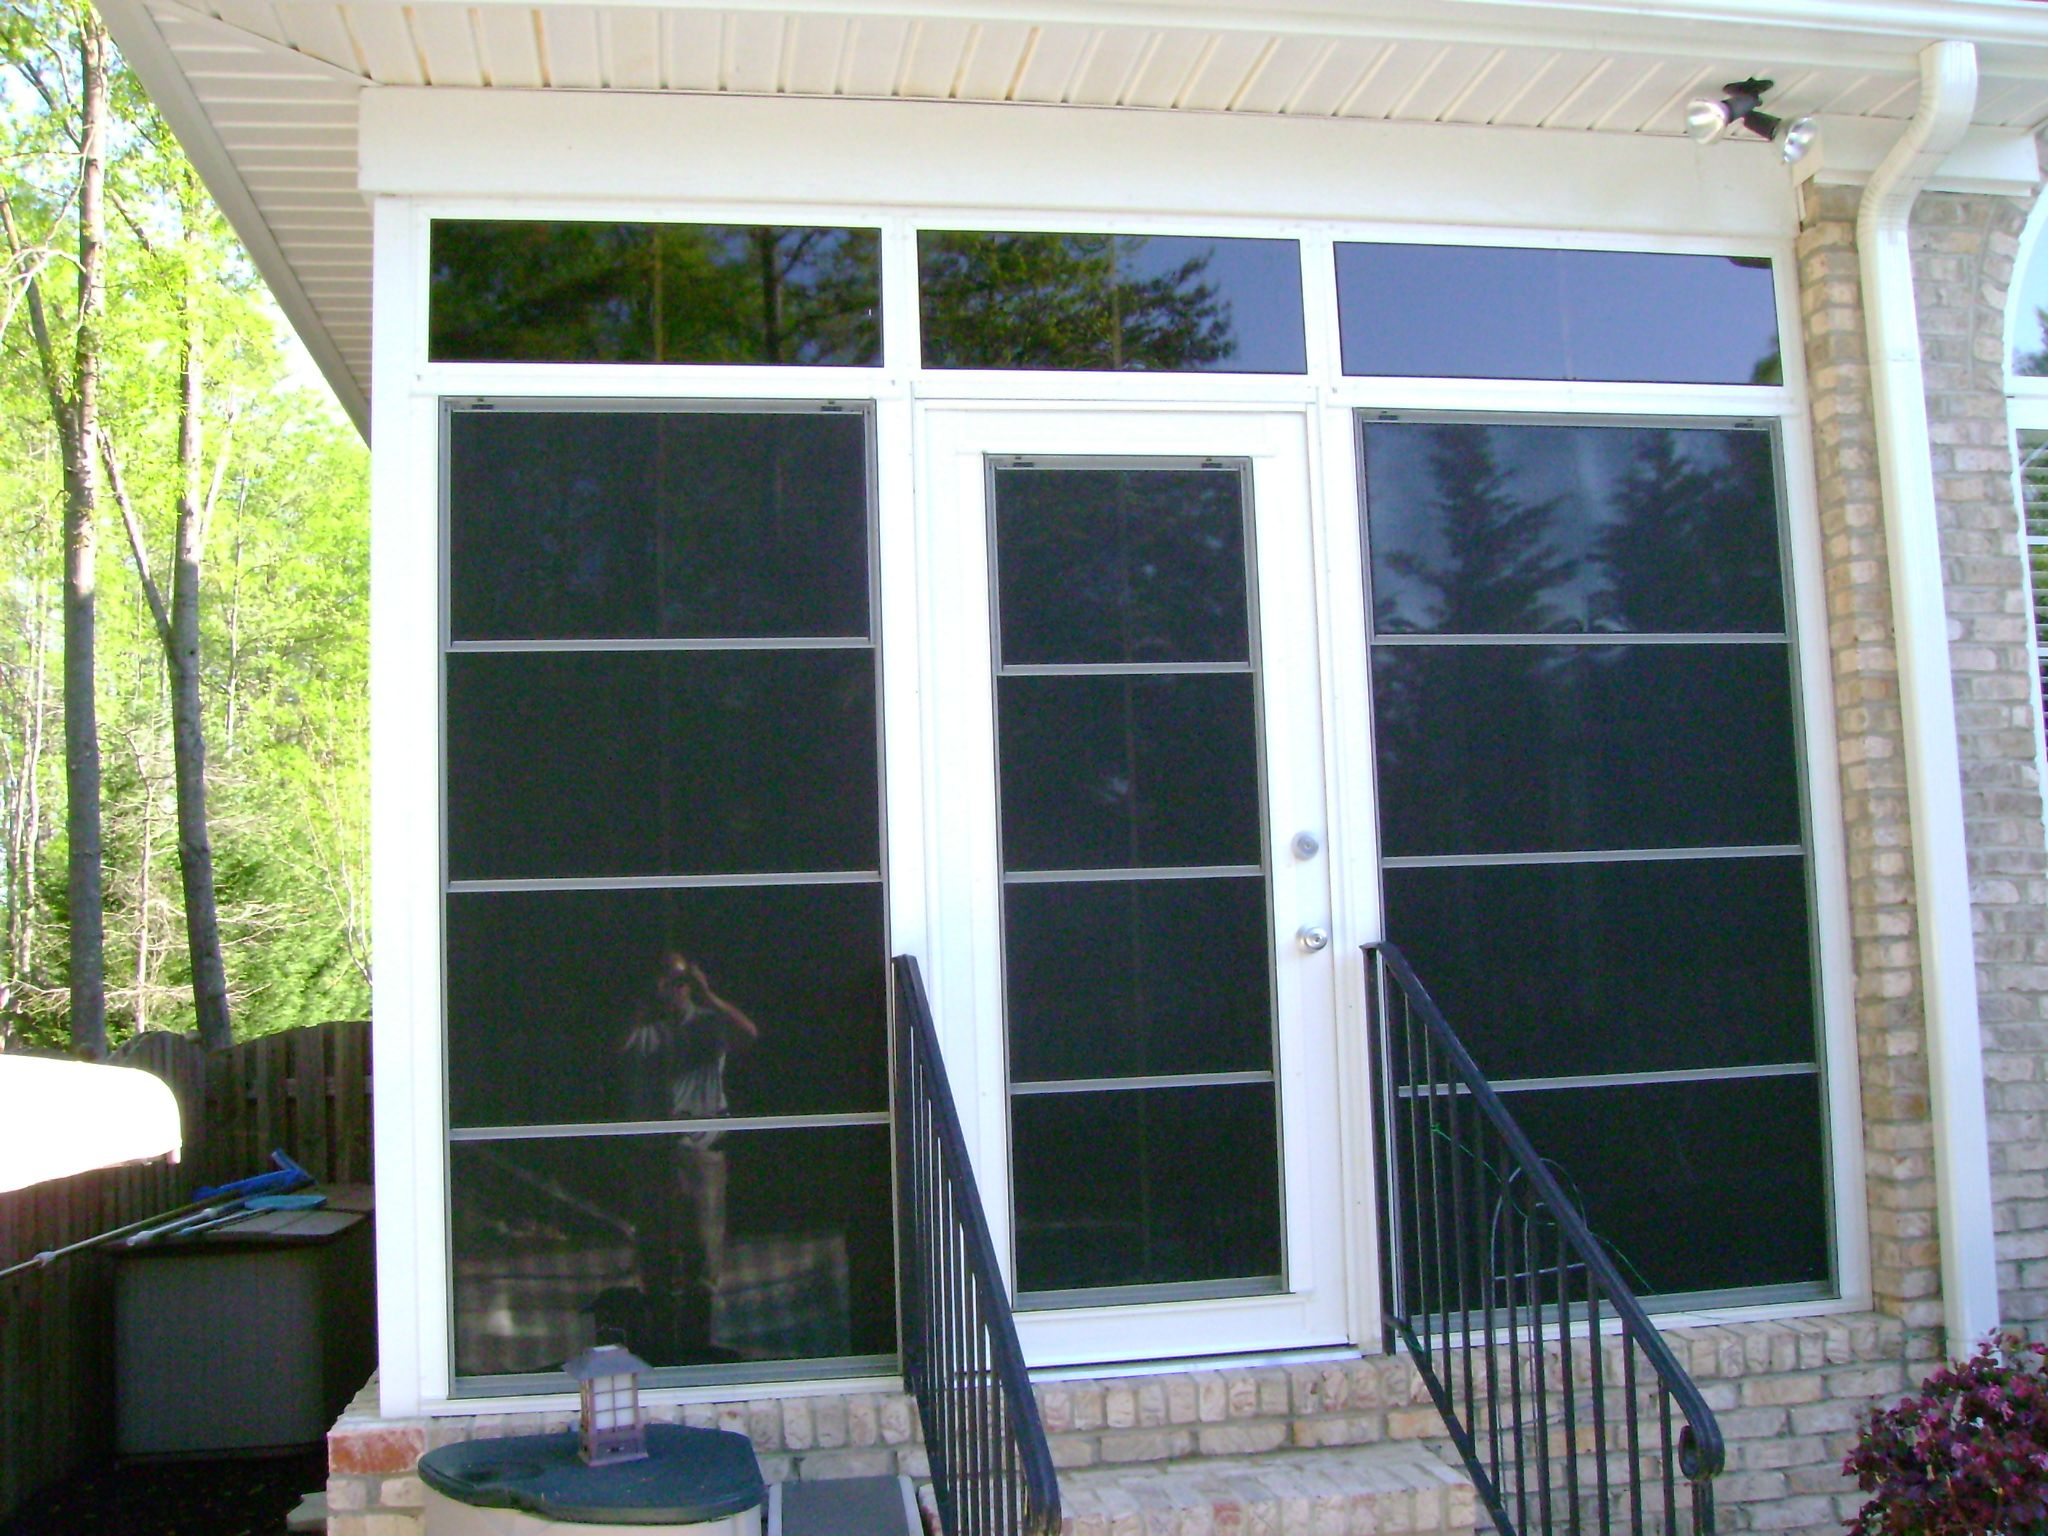 Eze-Breeze Porch Enclosure - Cabana Door & Eze-Breeze Porch Enclosure - Cabana Door | Porches | Pinterest ...